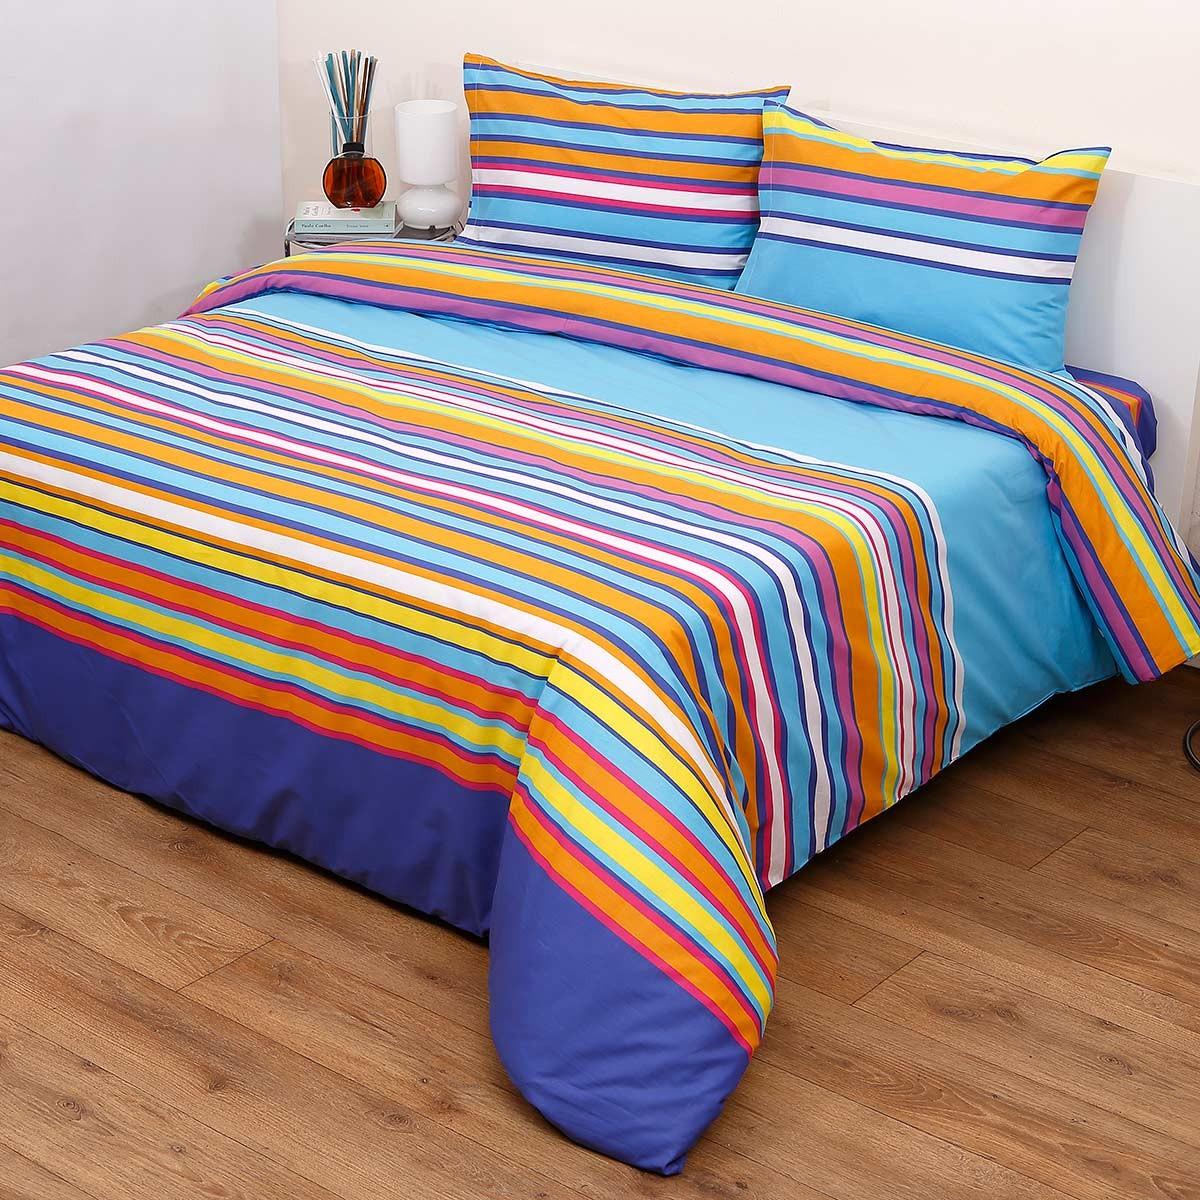 Πάπλωμα Ημίδιπλο (Σετ) Viopros Fresh Κέλι Μπλε home   κρεβατοκάμαρα   παπλώματα   παπλώματα ημίδιπλα   διπλά